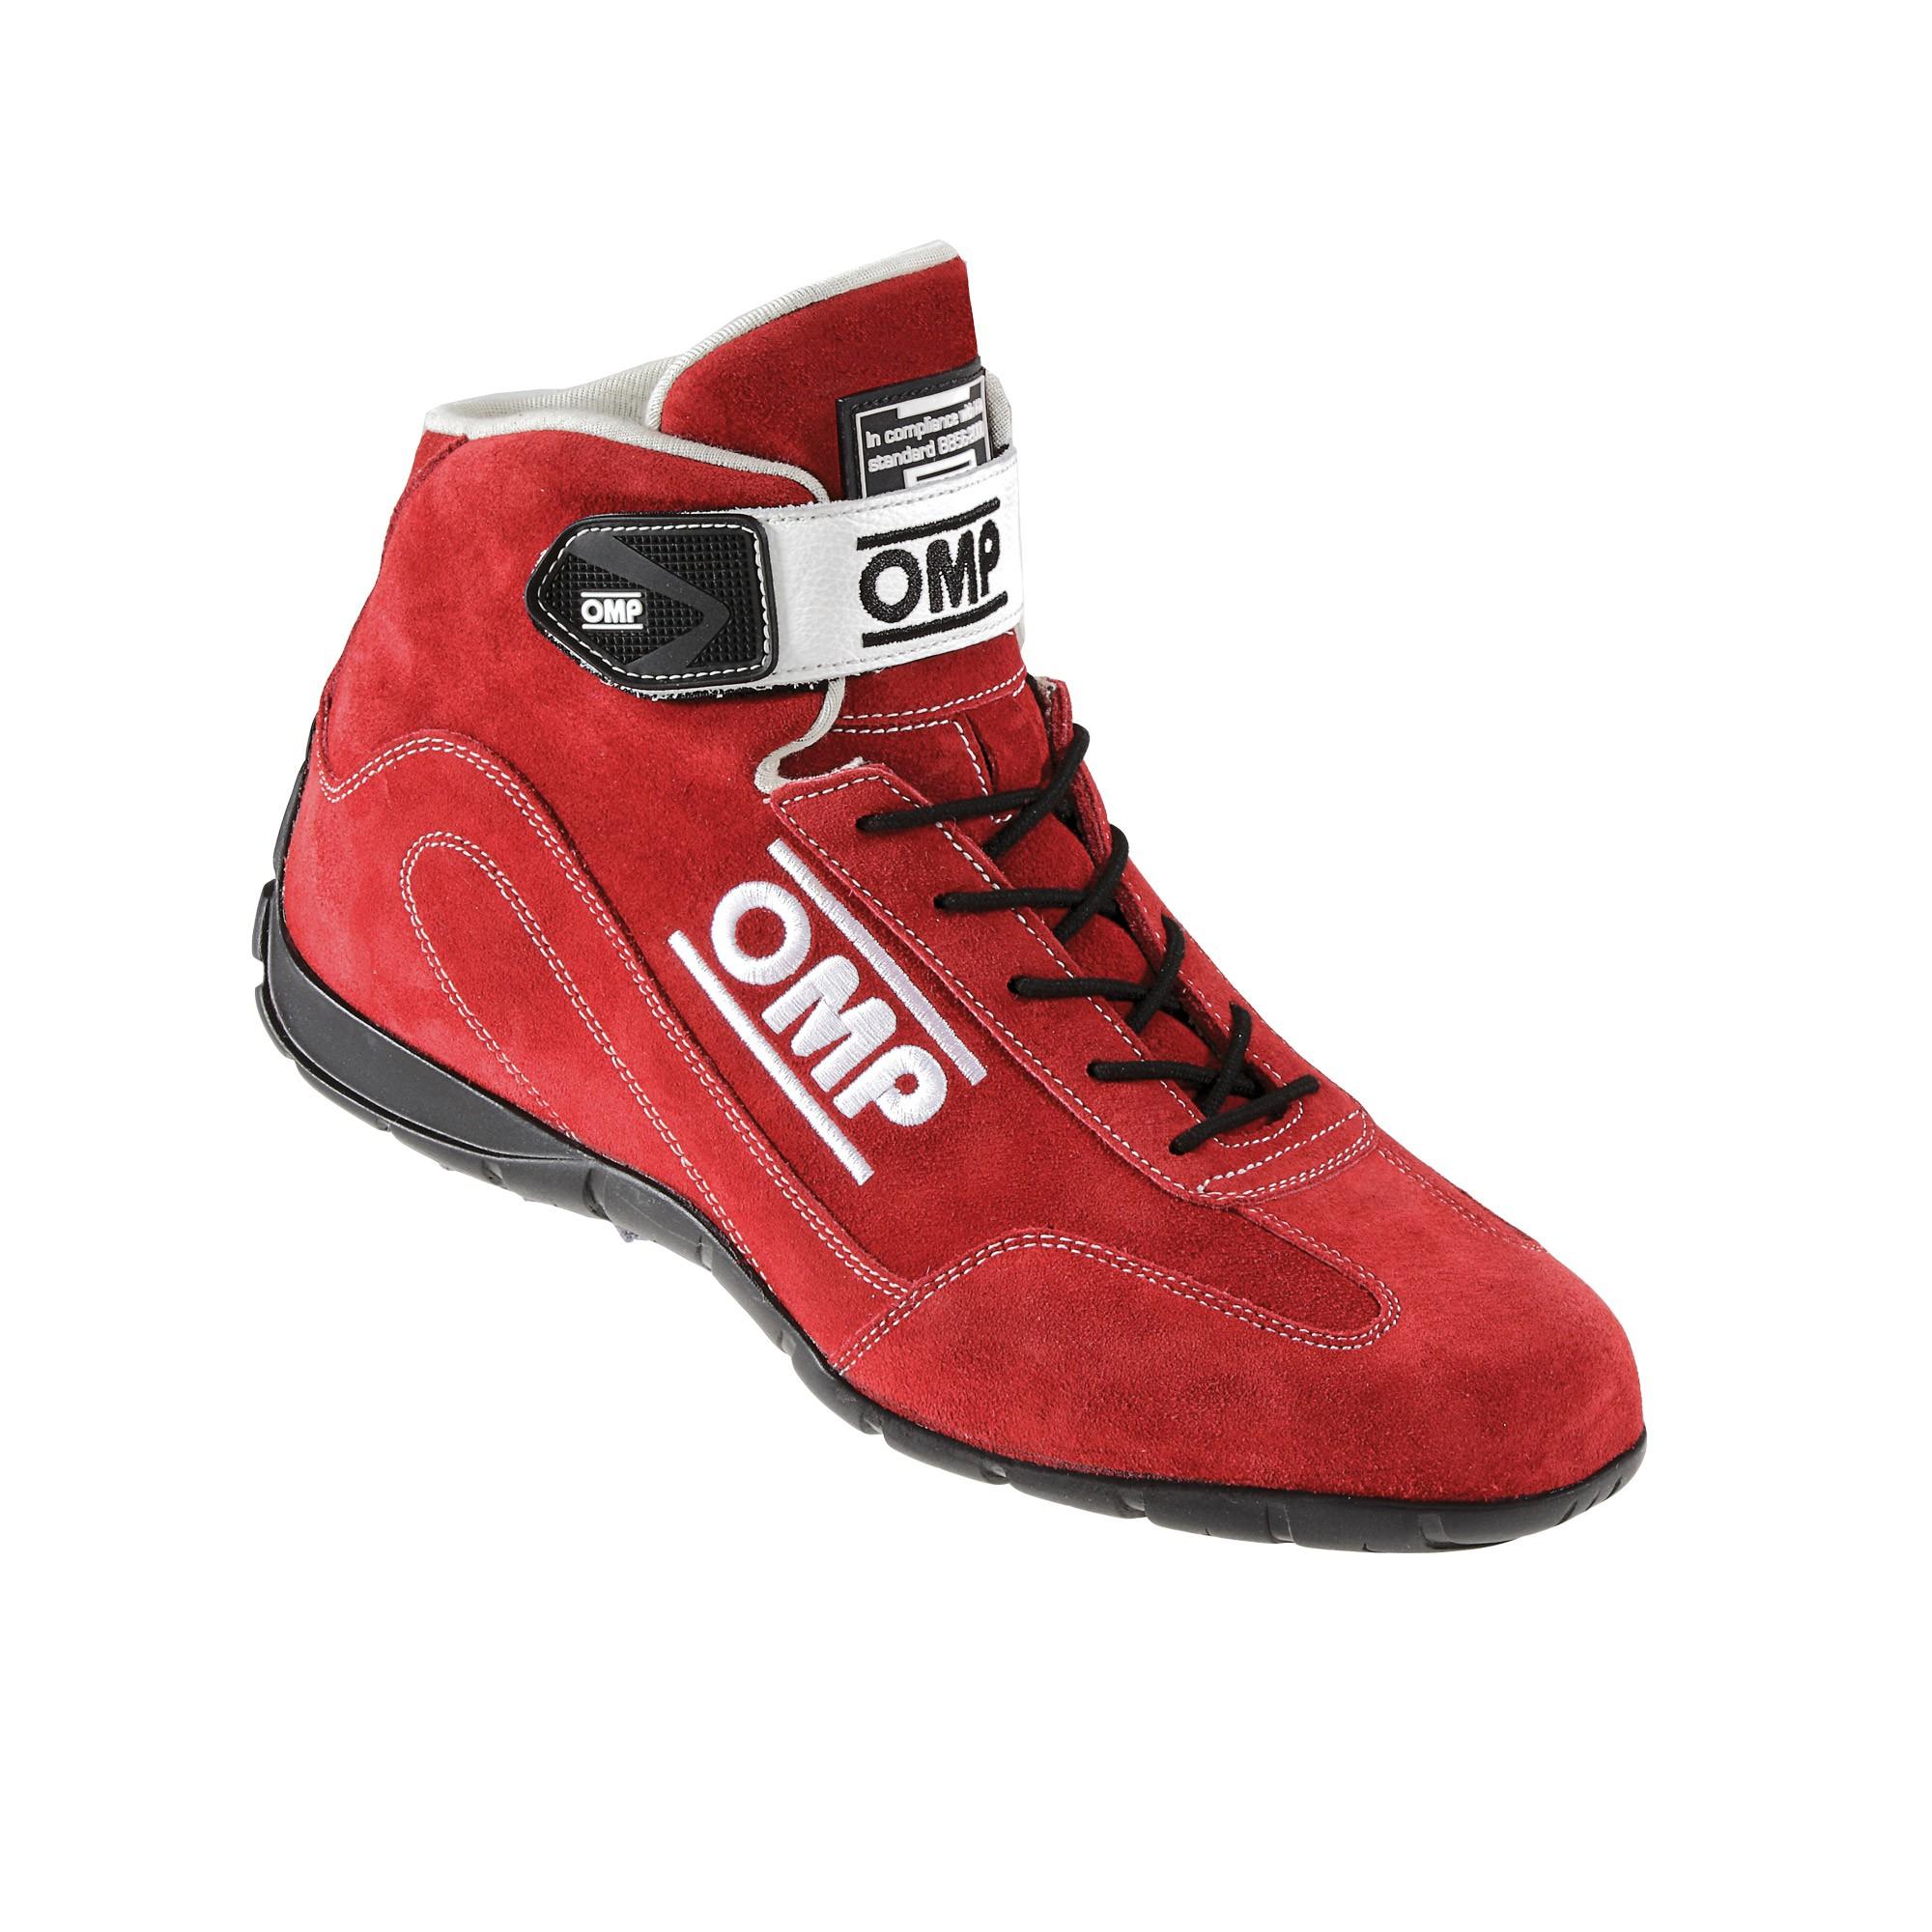 Endurance Shoes